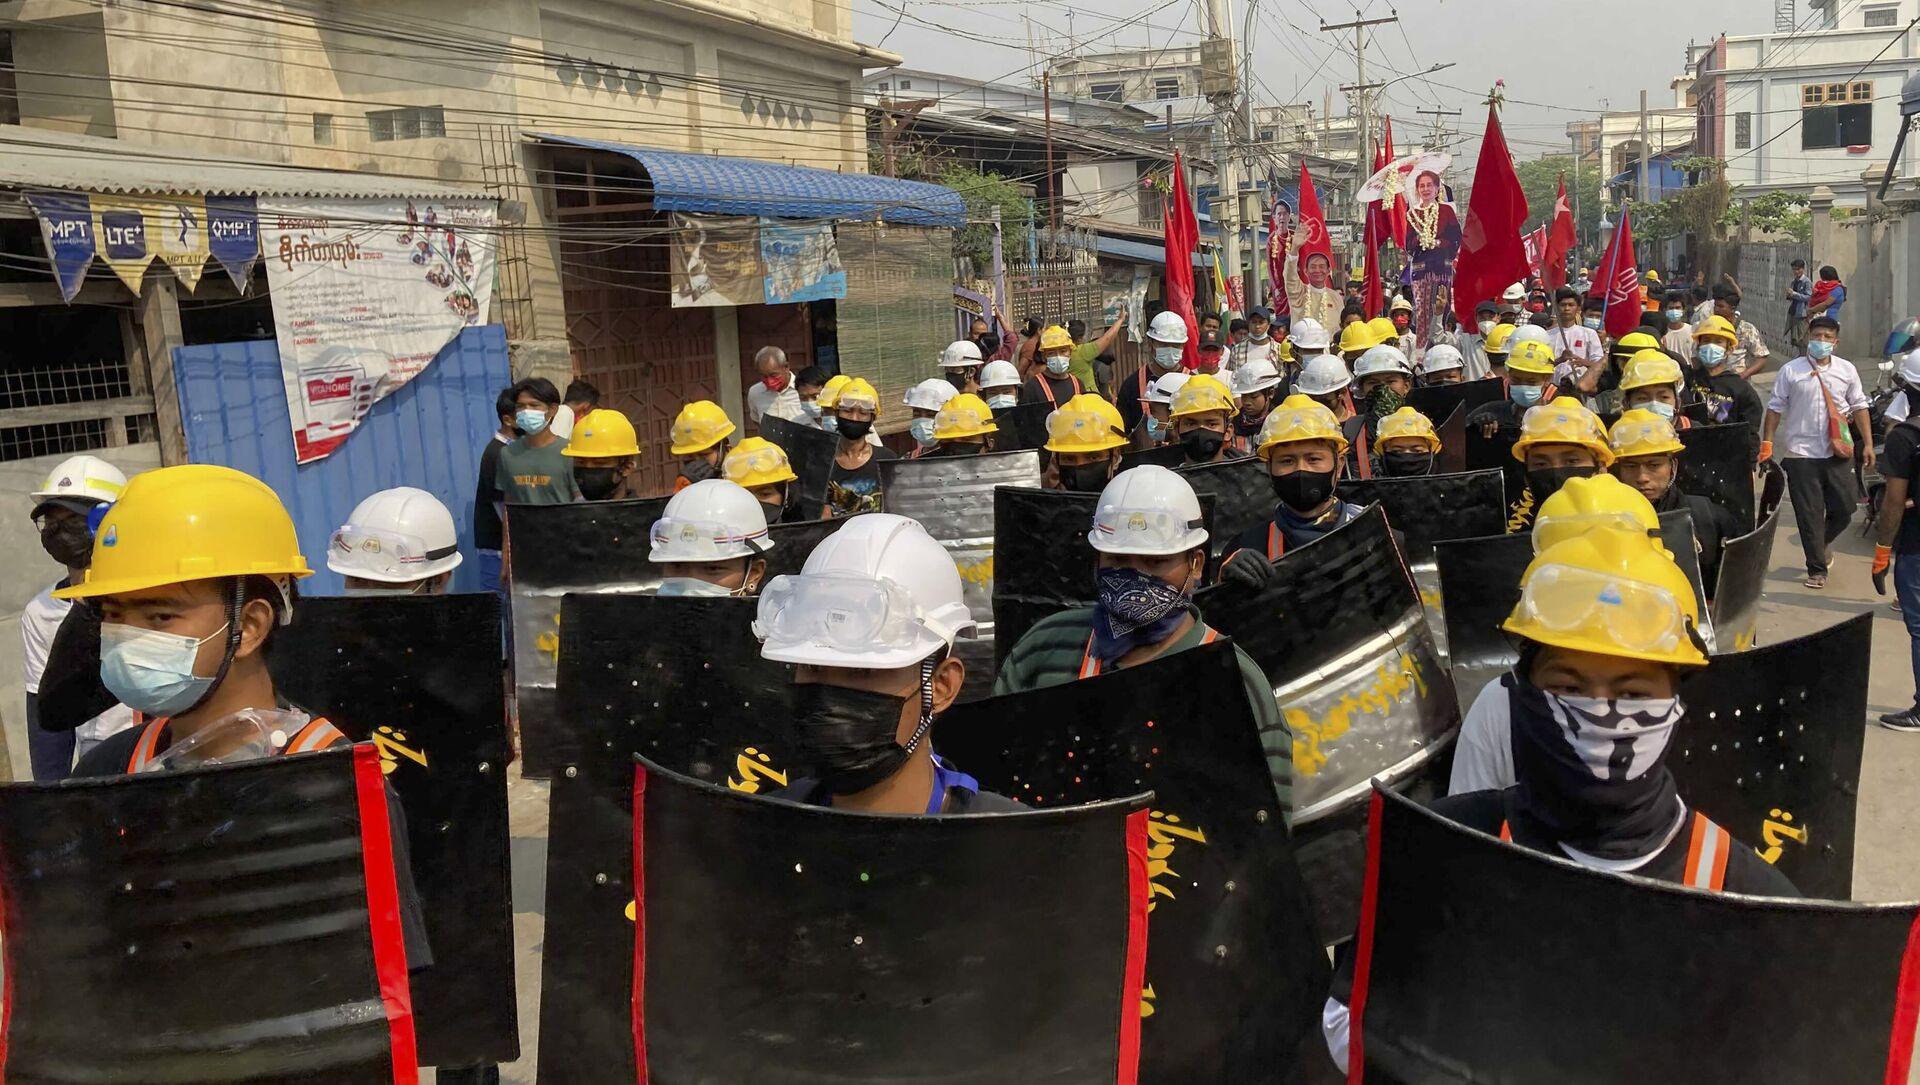 Người biểu tình tuần hành với những tấm chắn tạm bợ trên một con đường chính trong cuộc biểu tình ở Mandalay, Myanmar, Thứ Hai, ngày 8 tháng 3 năm 2021. Các cuộc biểu tình lớn đã xảy ra hàng ngày trên nhiều thành phố và thị trấn ở Myanmar. - Sputnik Việt Nam, 1920, 12.03.2021